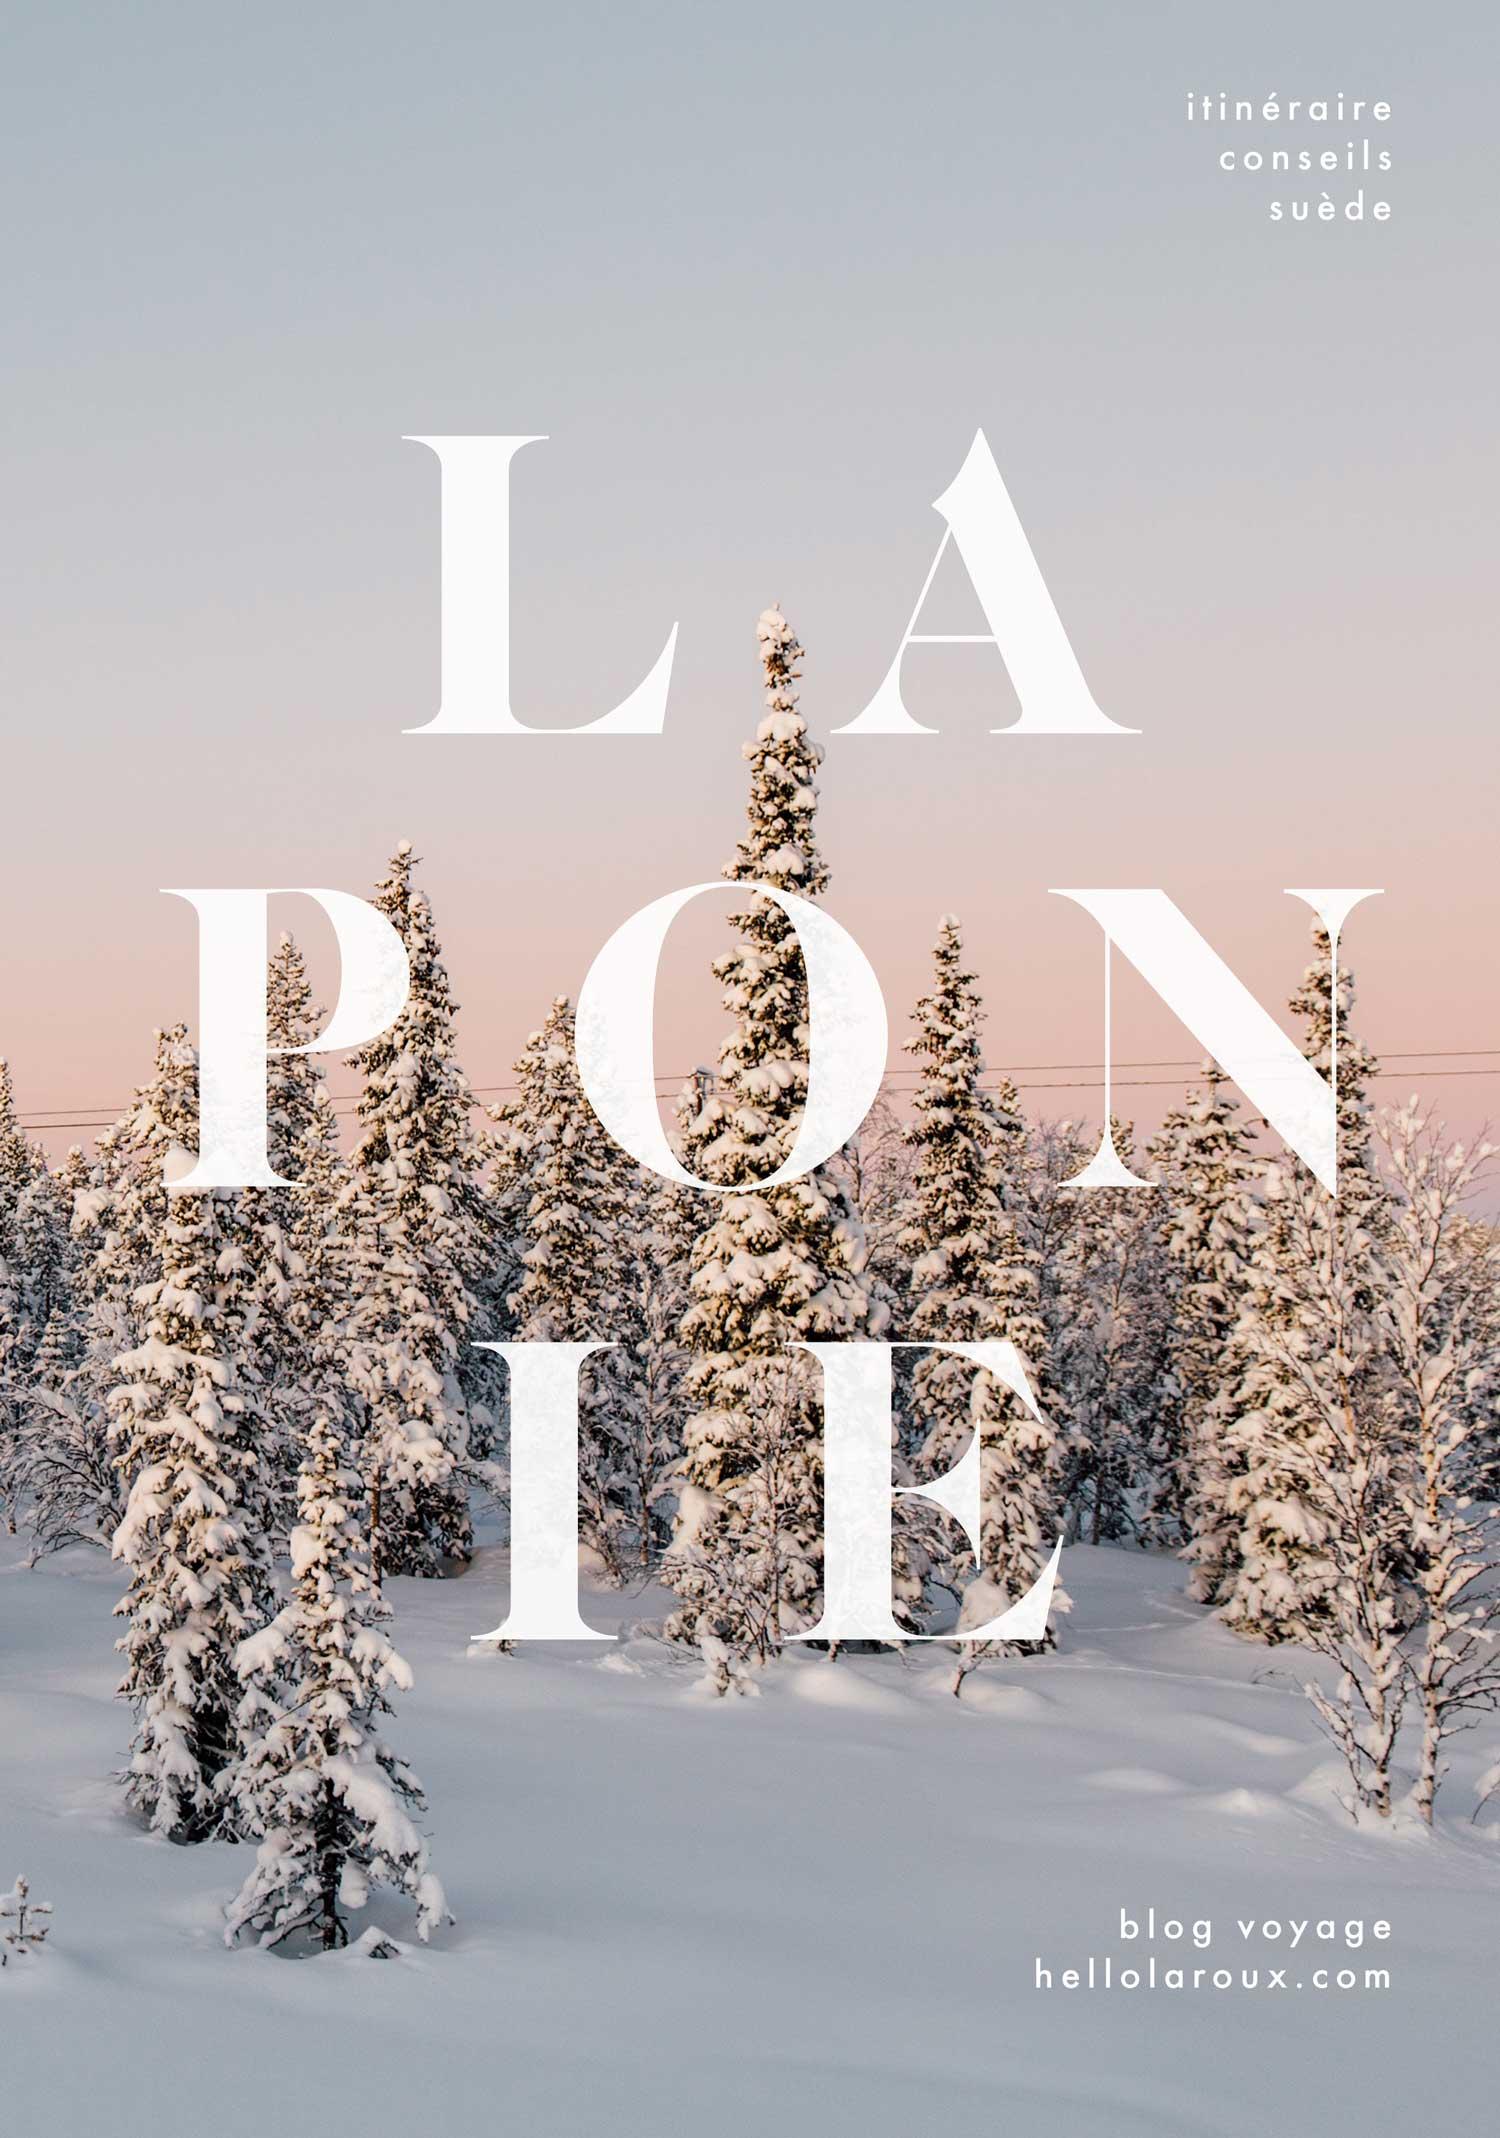 Voyage en Laponie suédoise : itinéraire, conseils, que faire pour une semaine